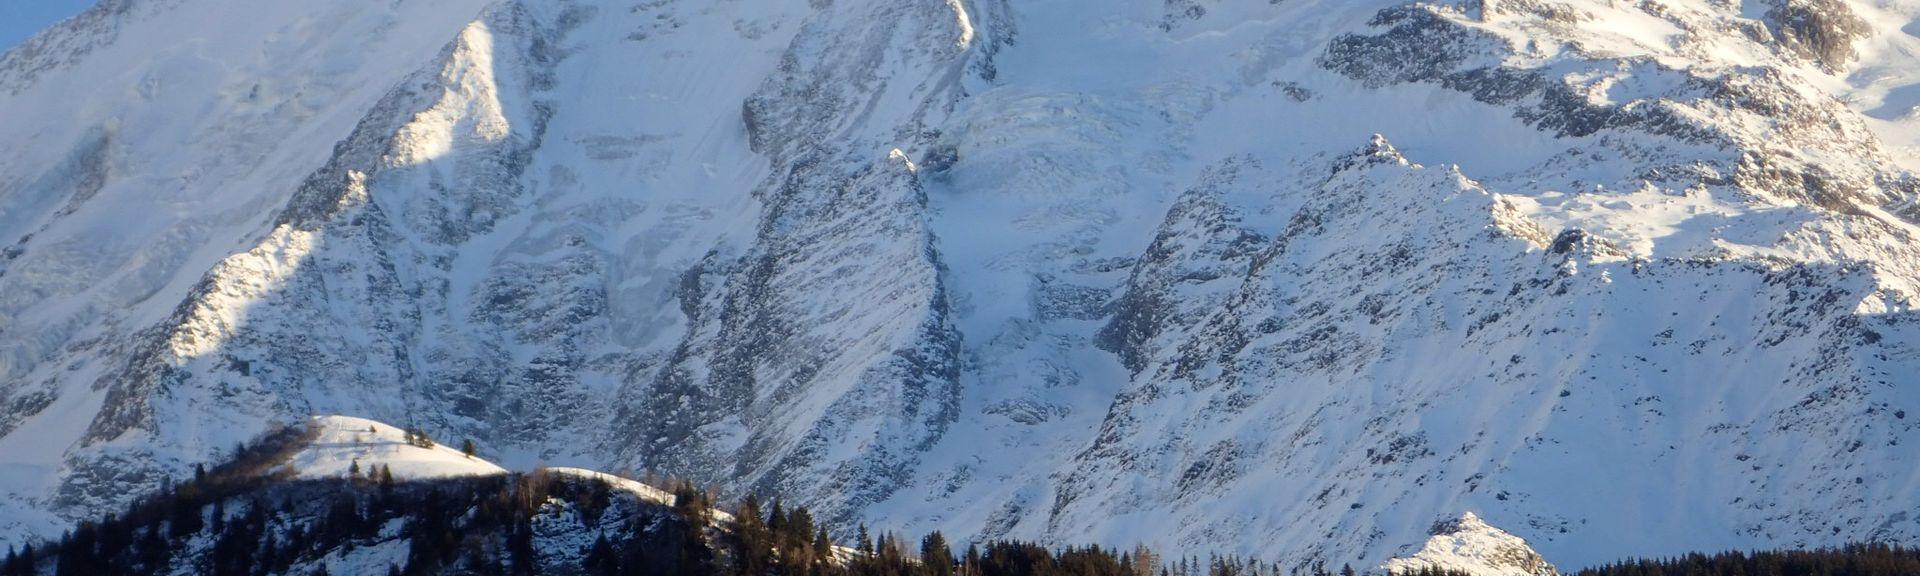 Saint-Nicolas-de-Véroce, Saint-Gervais-les-Bains, Haute-Savoie (département), France